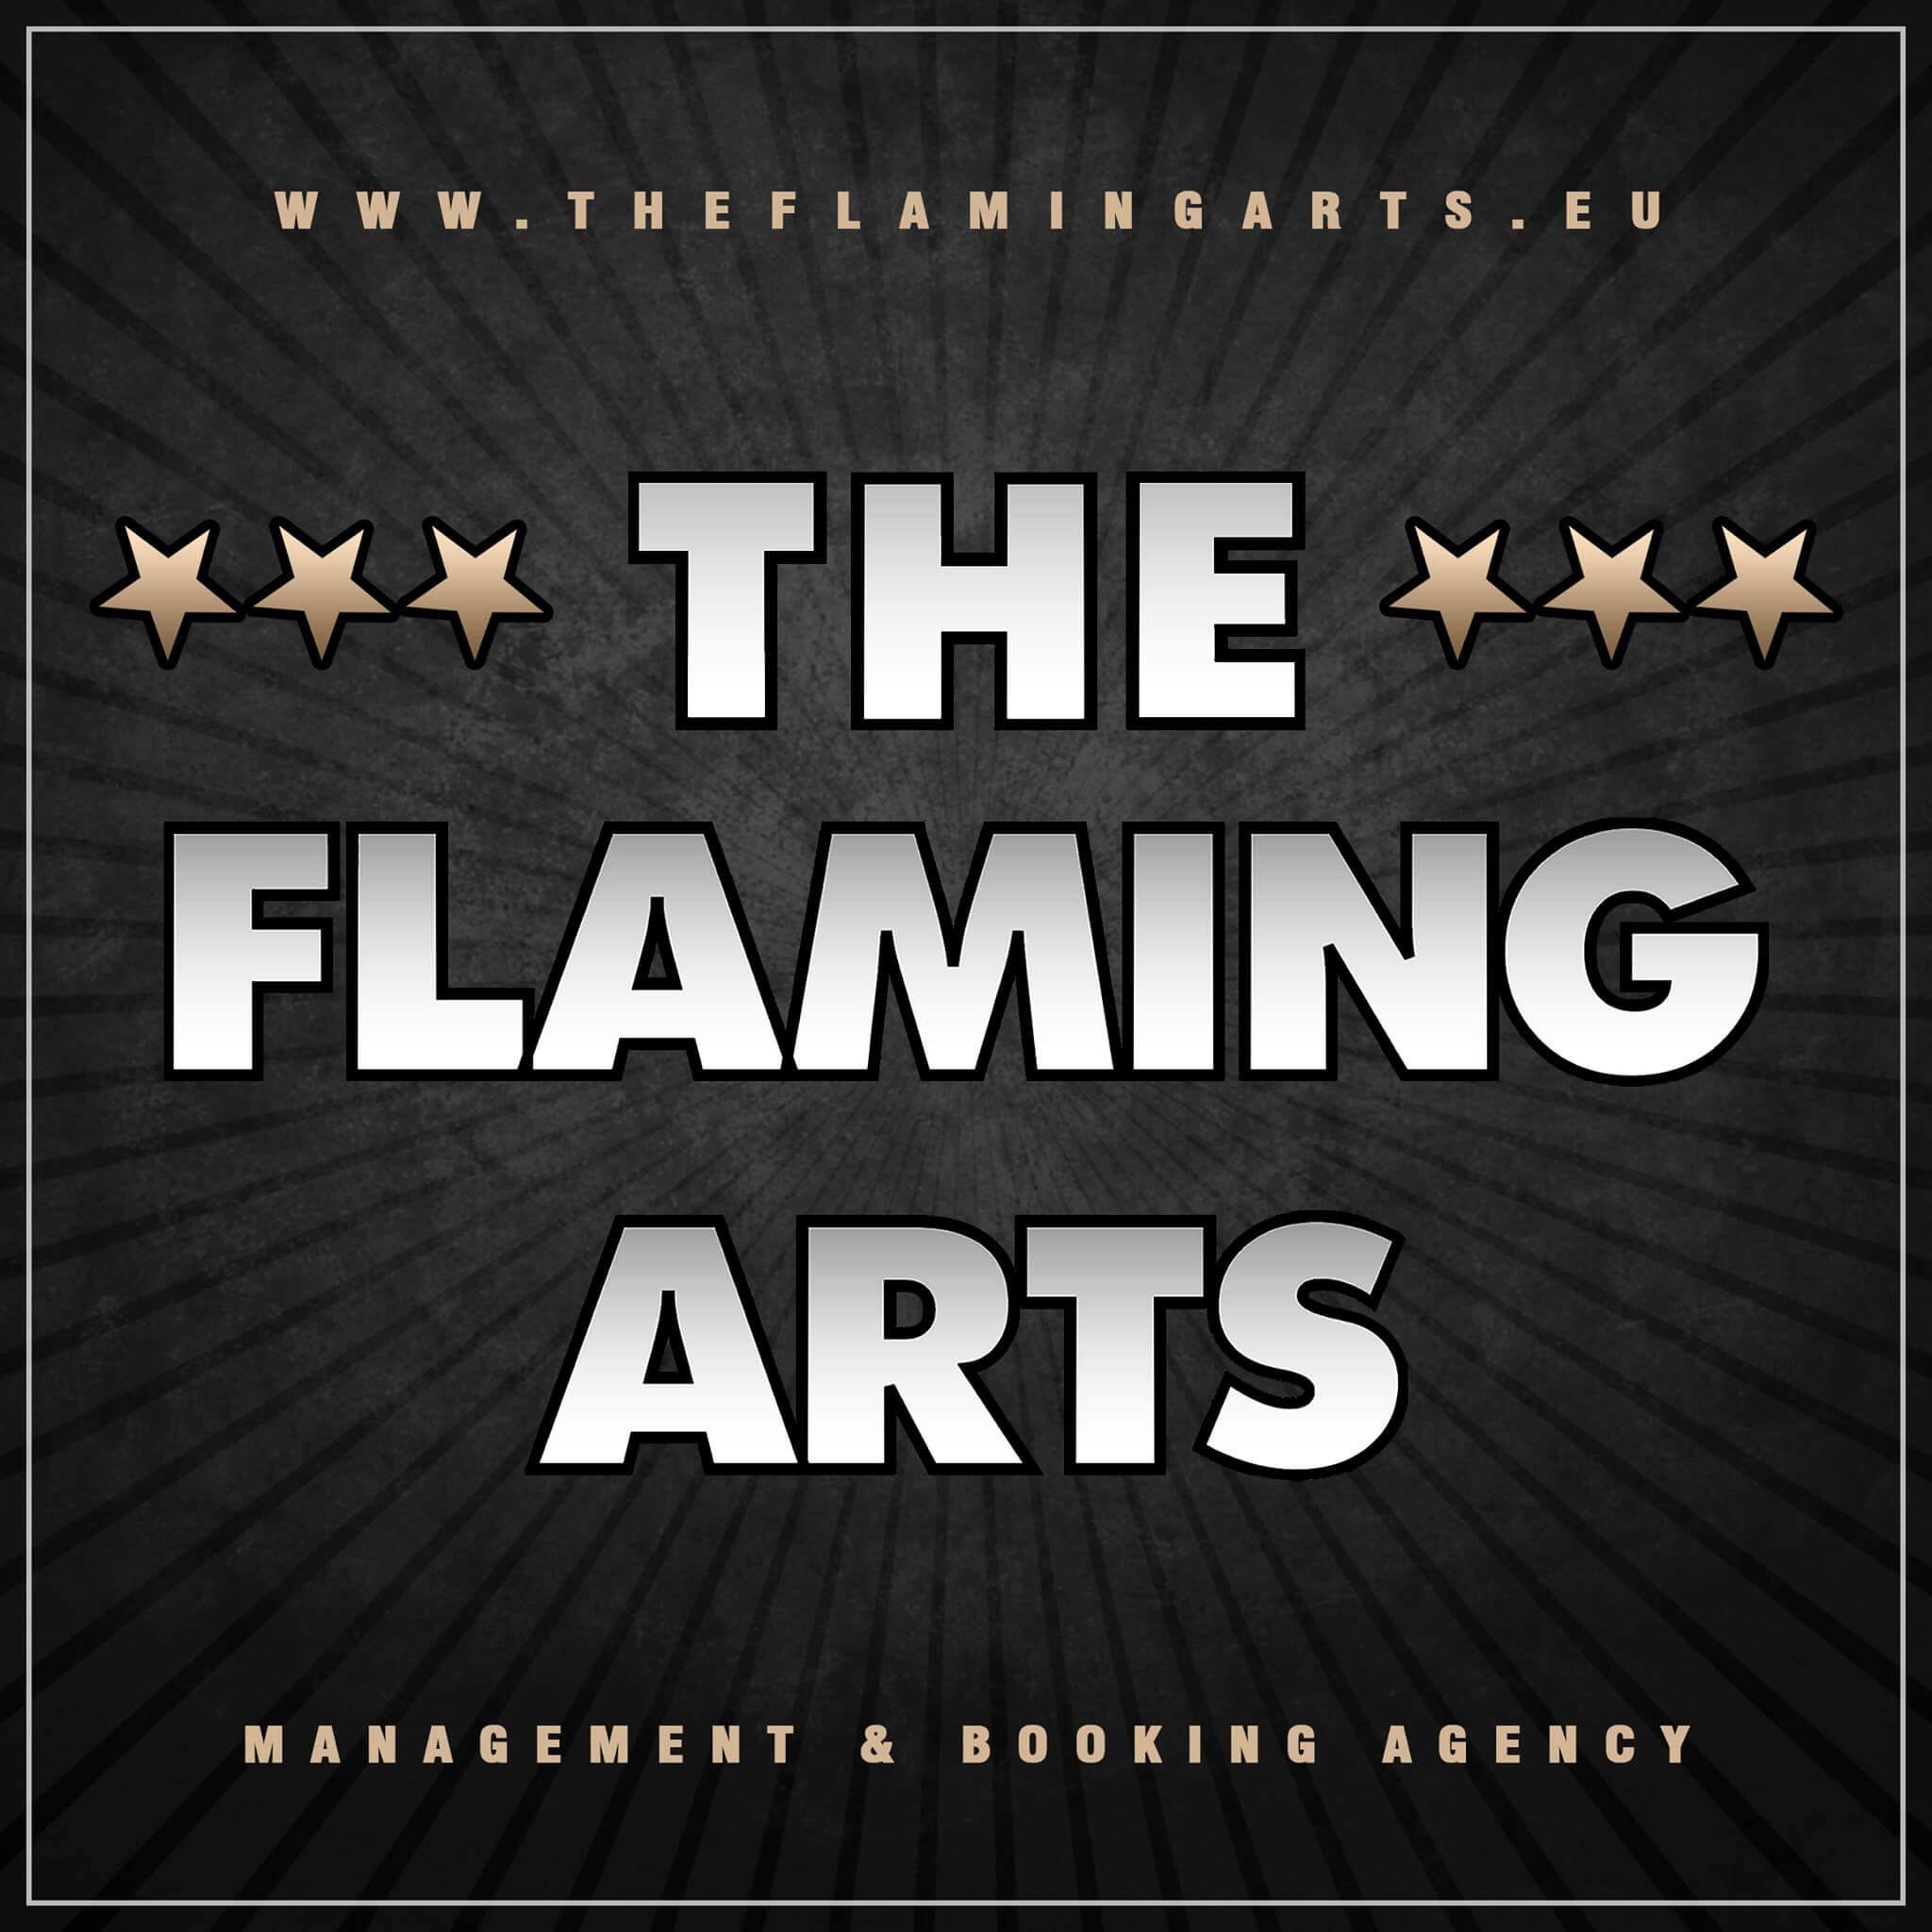 flaming_arts